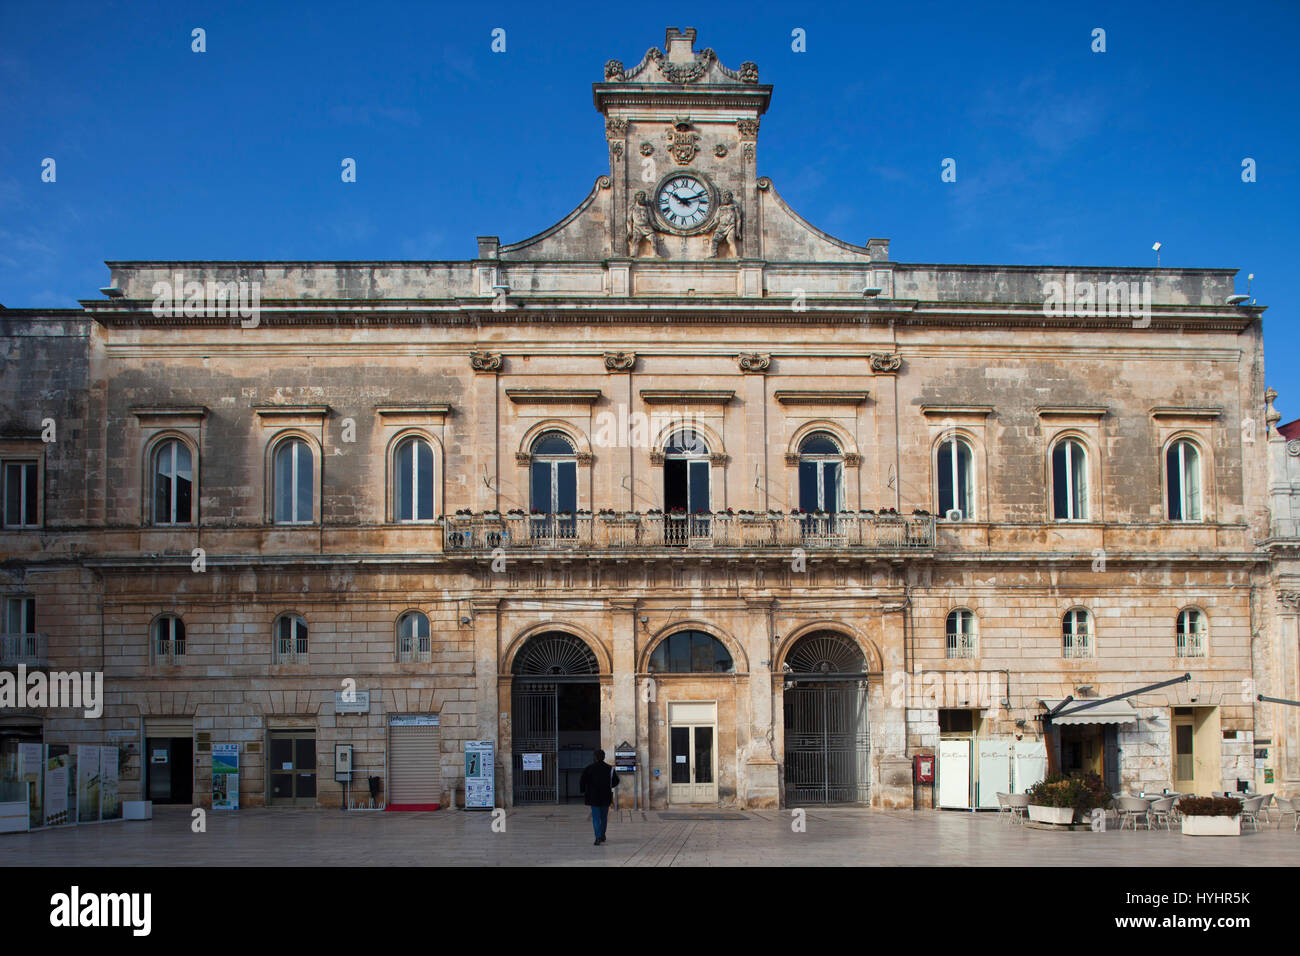 Town hall, Piazza della Libertà, Ostuni, Puglia, Italy, Europe Stock Photo